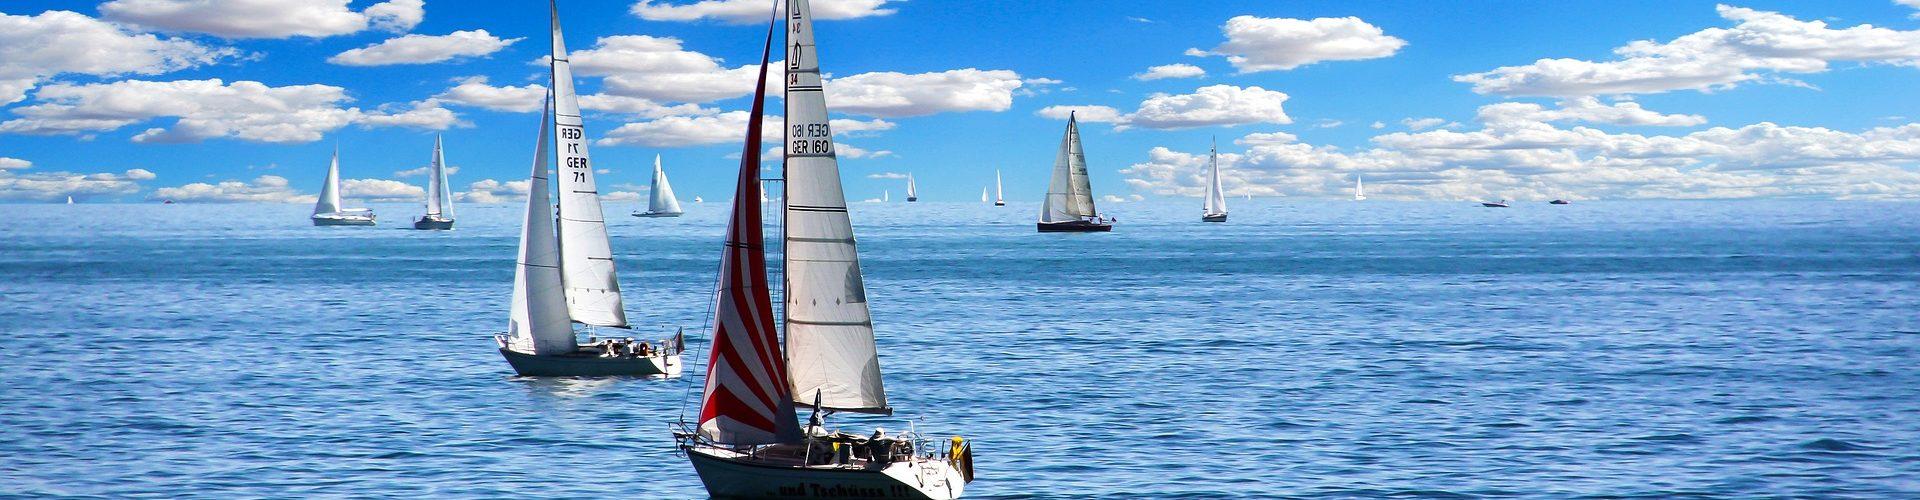 segeln lernen in Rottach Egern segelschein machen in Rottach Egern 1920x500 - Segeln lernen in Rottach-Egern